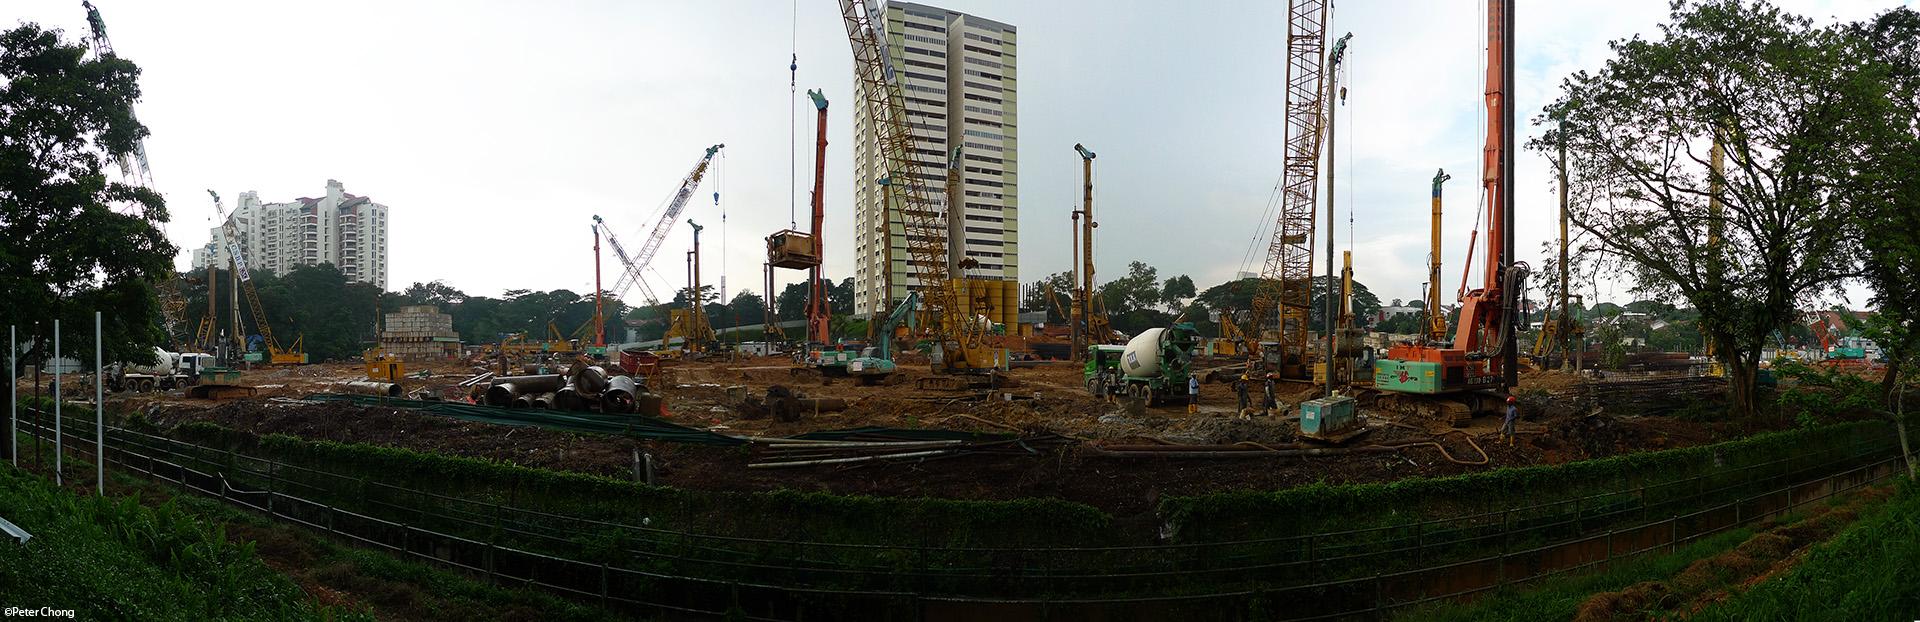 construction site singapore